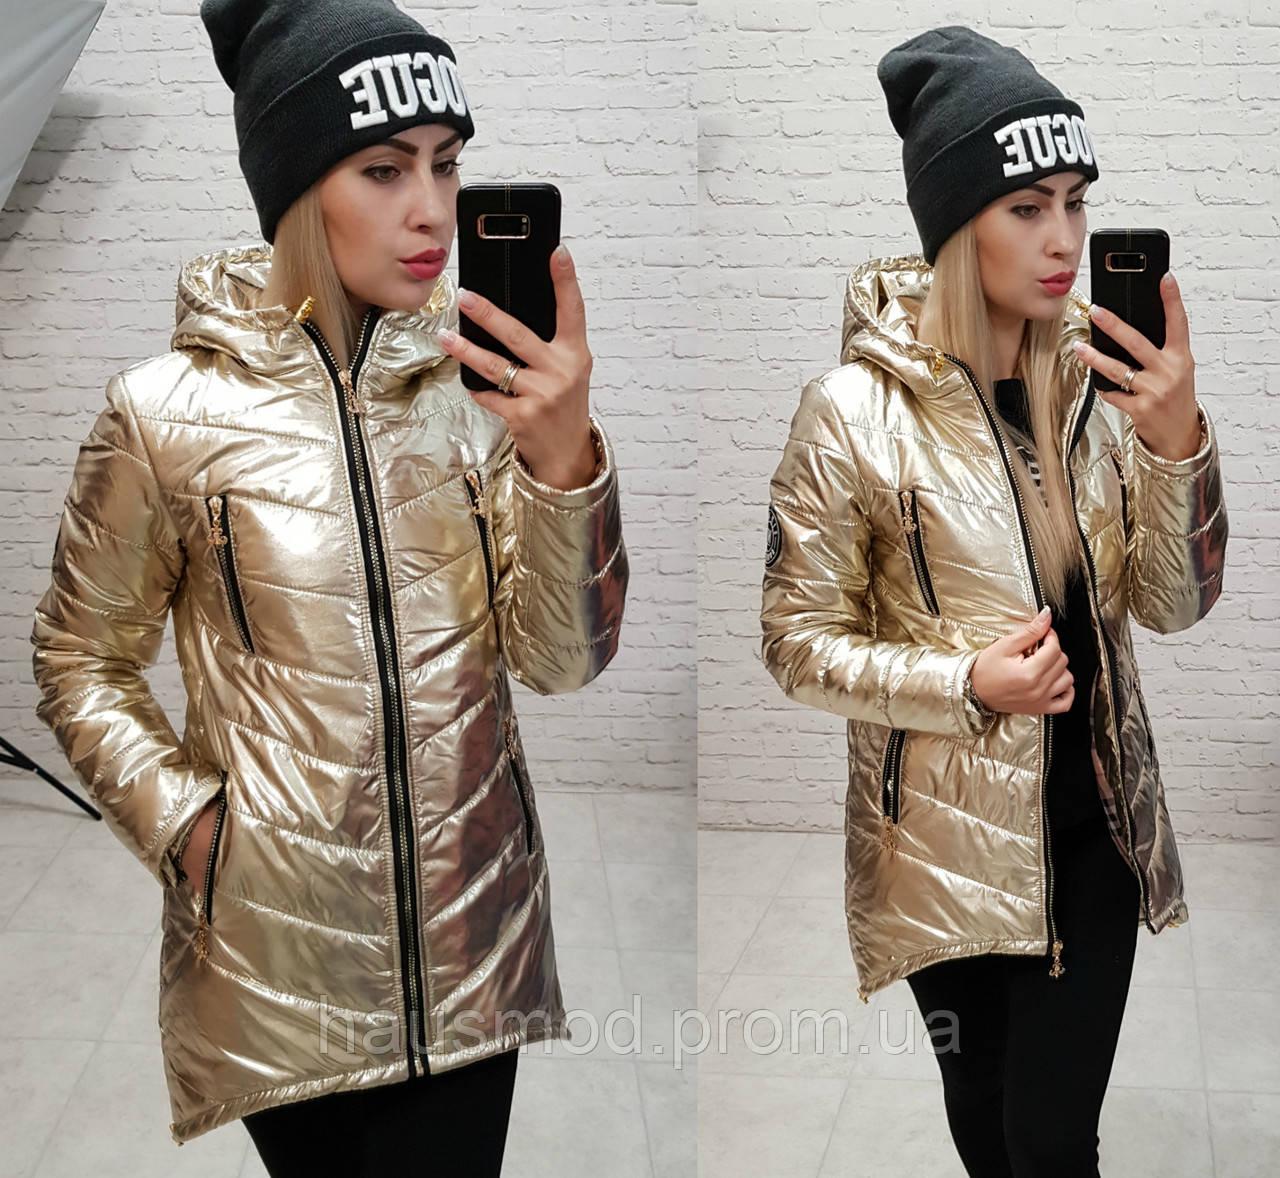 Новинка удлиненная стеганная стильная куртка фольгированная плащевка золото 42 44 46 48